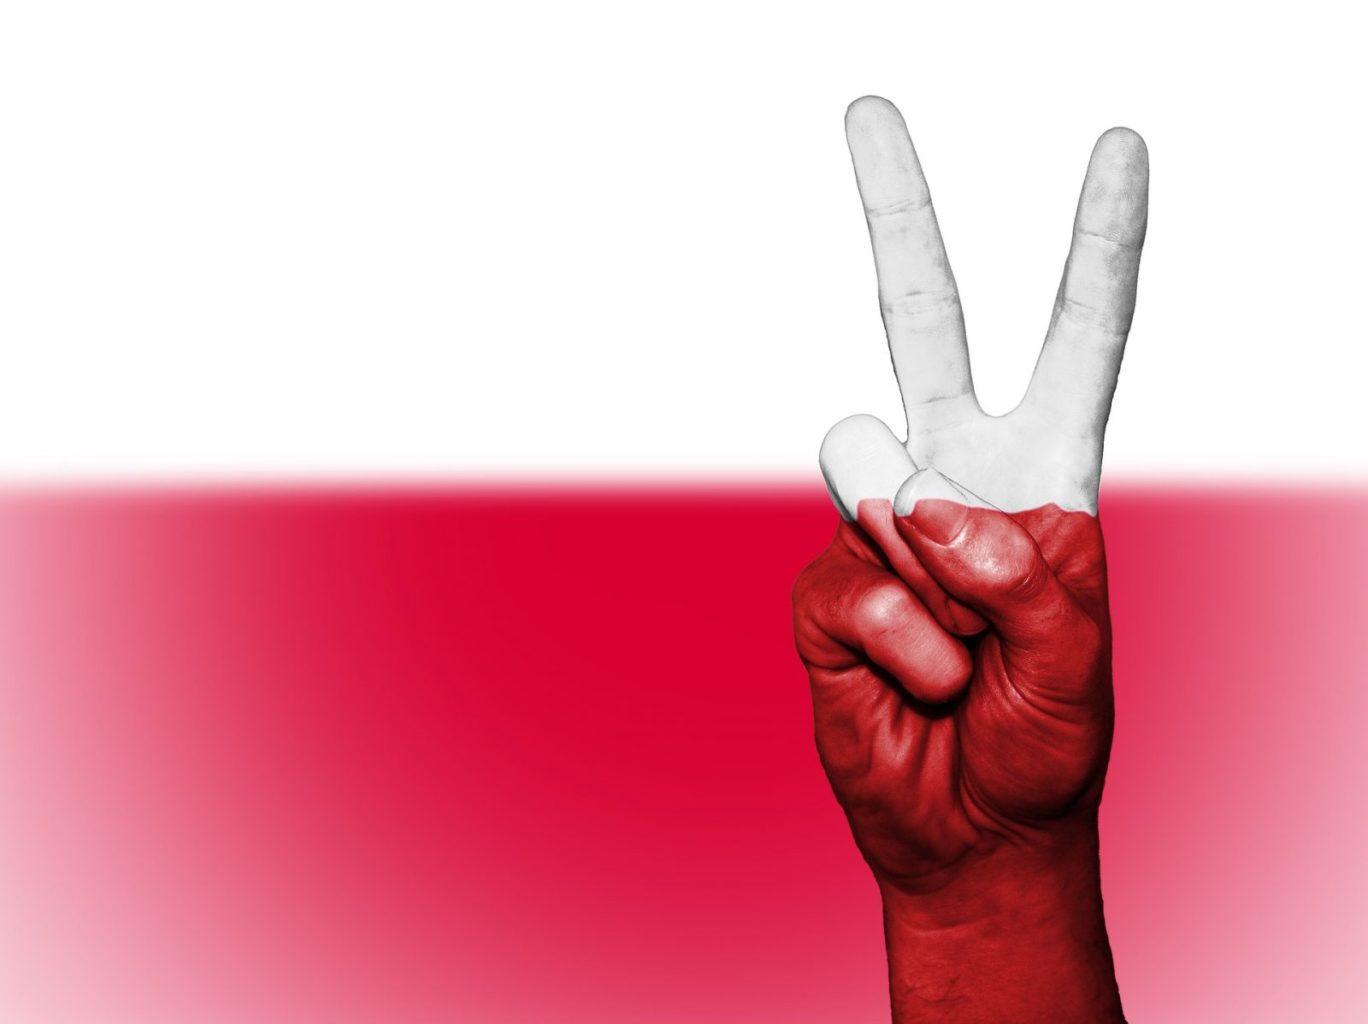 Польша, Индонезия – какая разница? Пресс-служба Зеленского опять перепутала страны